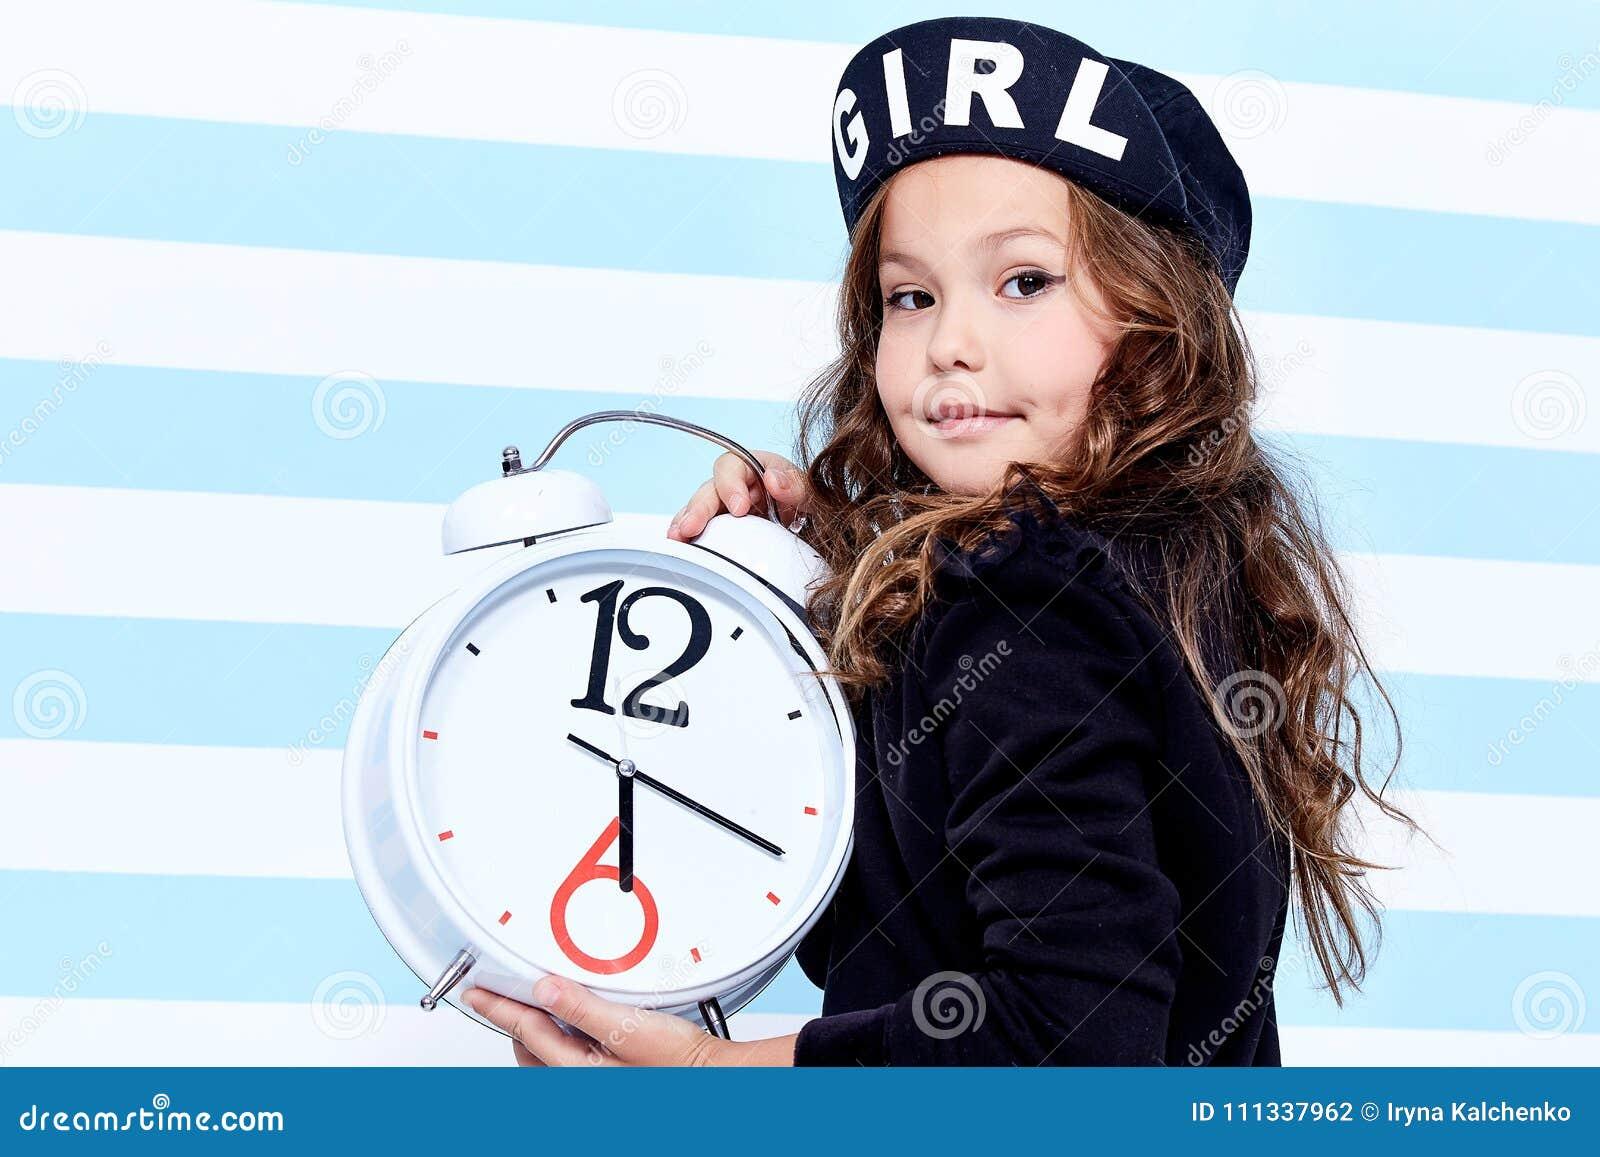 El pequeño vestido de niña pequeña de la escuela para los estudios del  juguete del pelo rizado de la sonrisa de la diversión del sombrero de los  calcetines ... f77e4362b6f